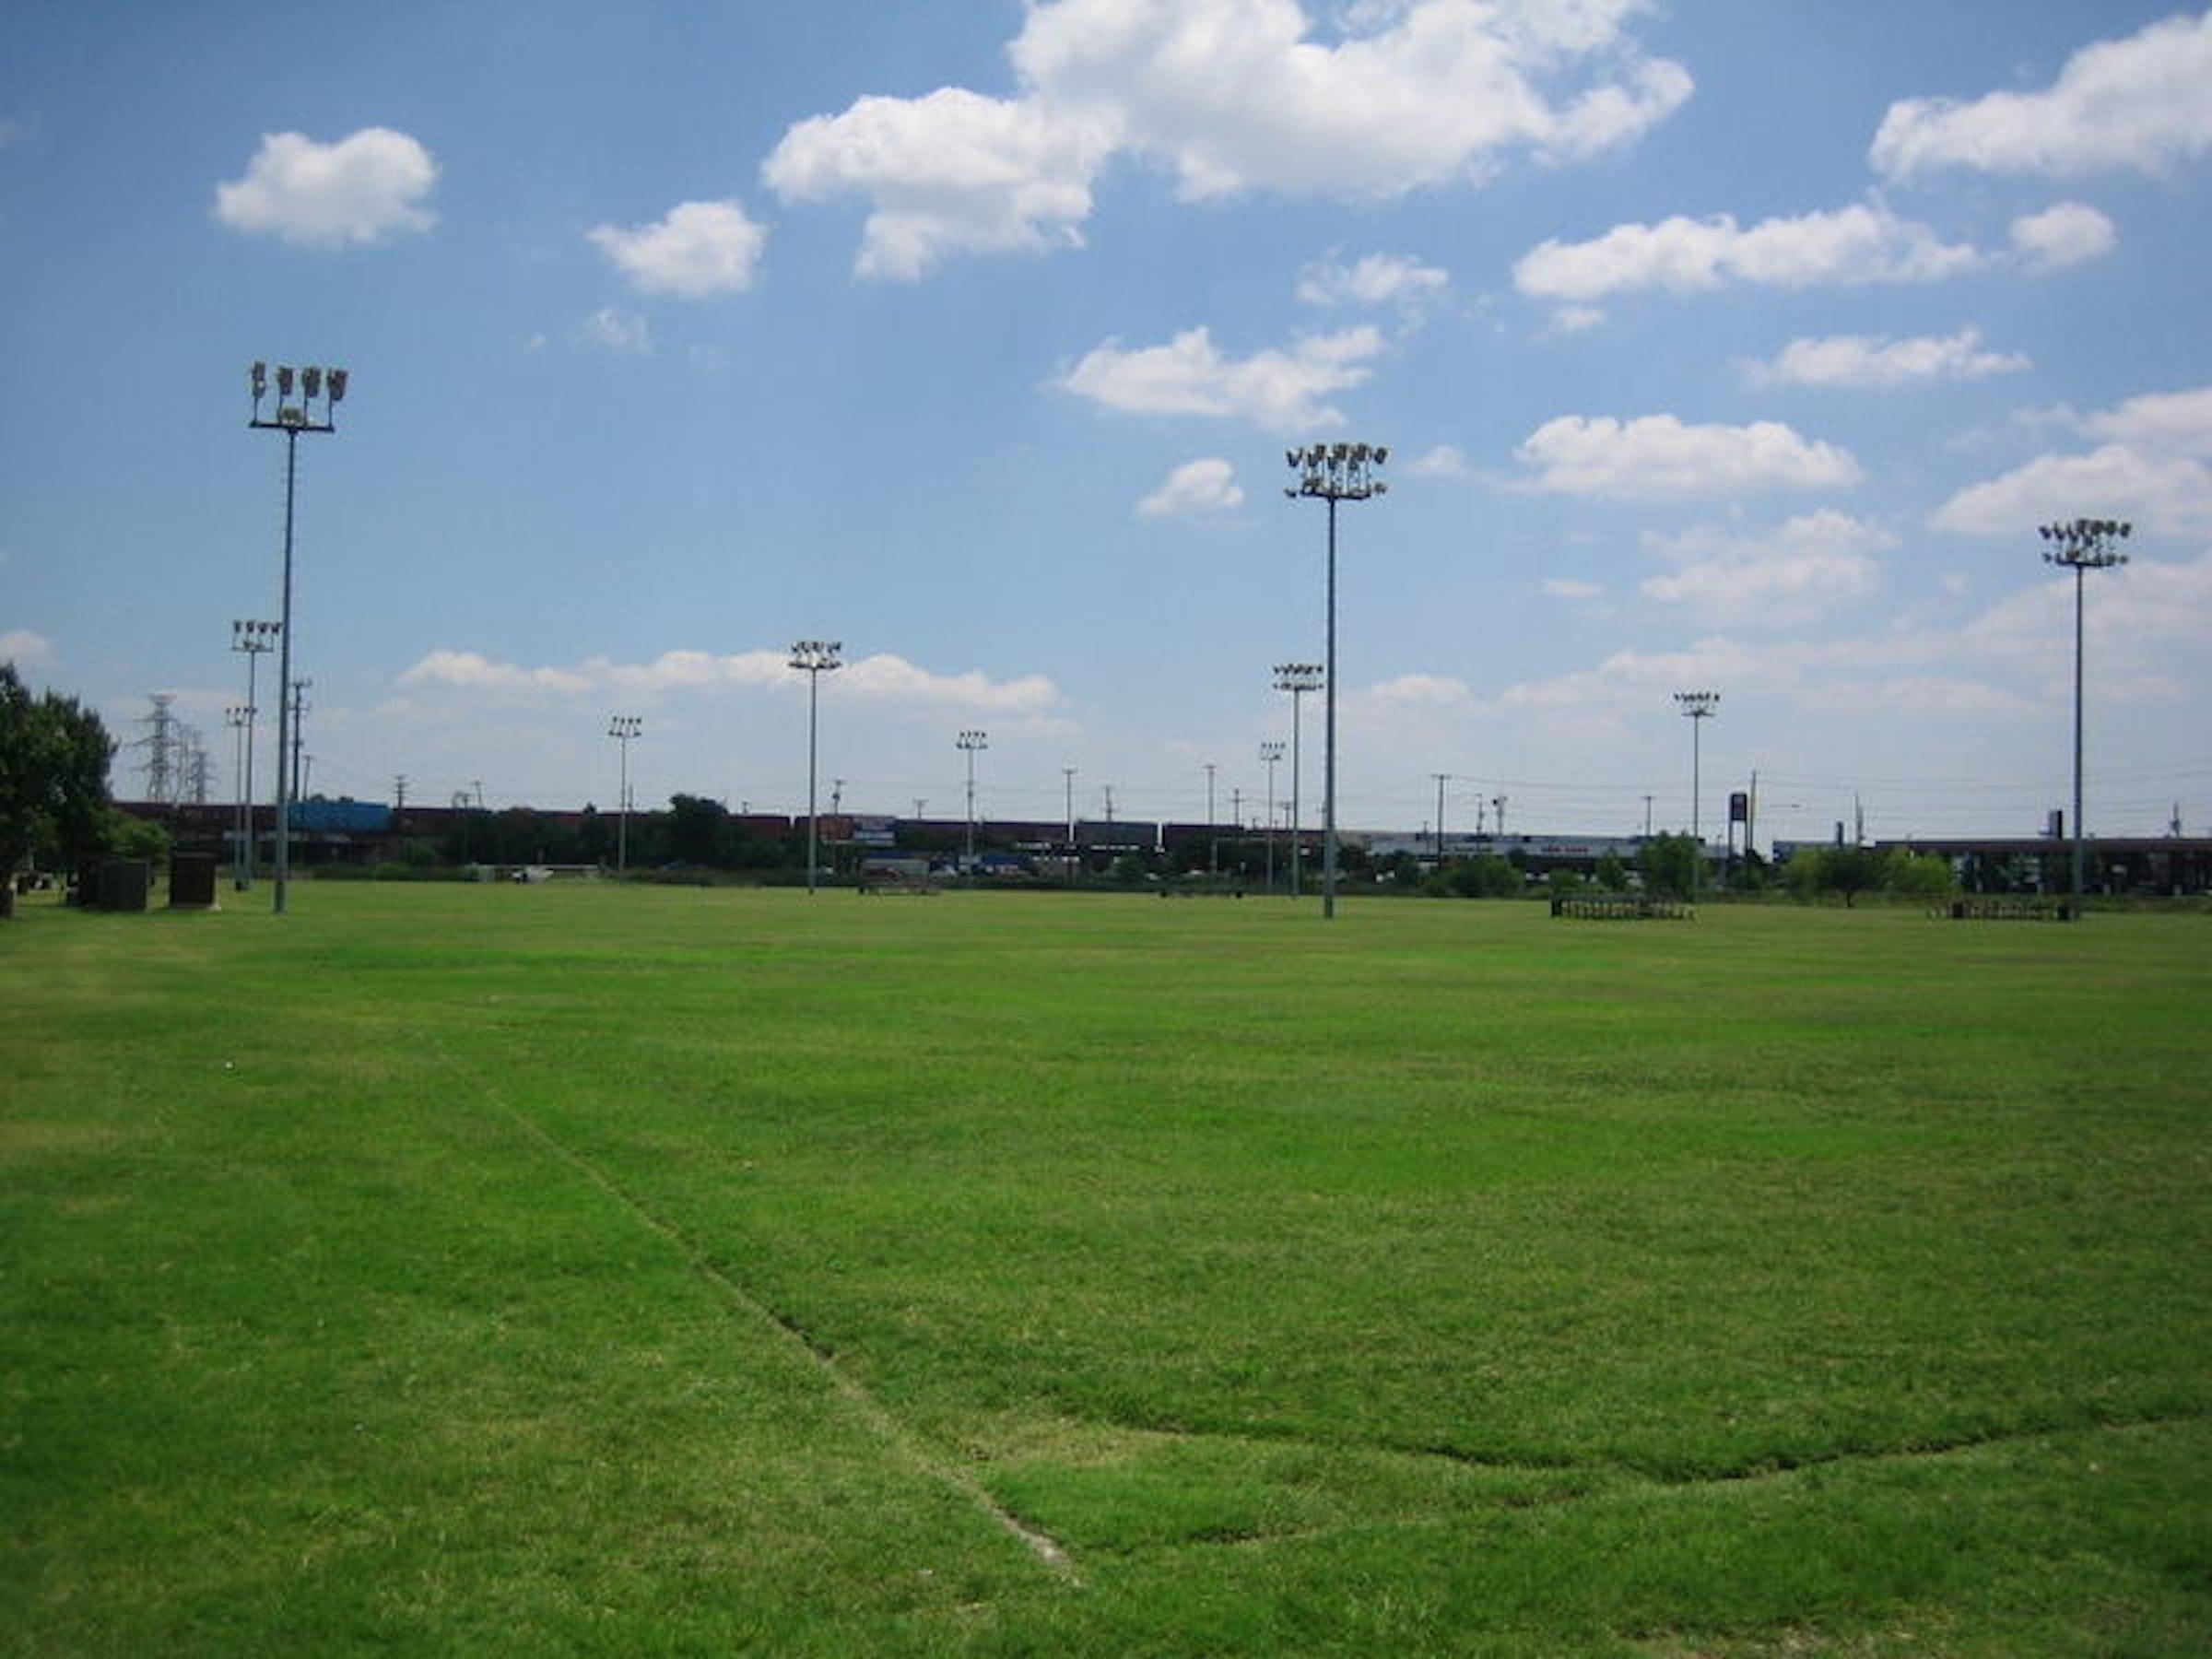 Samuel Garland Park in Beyond Dallas